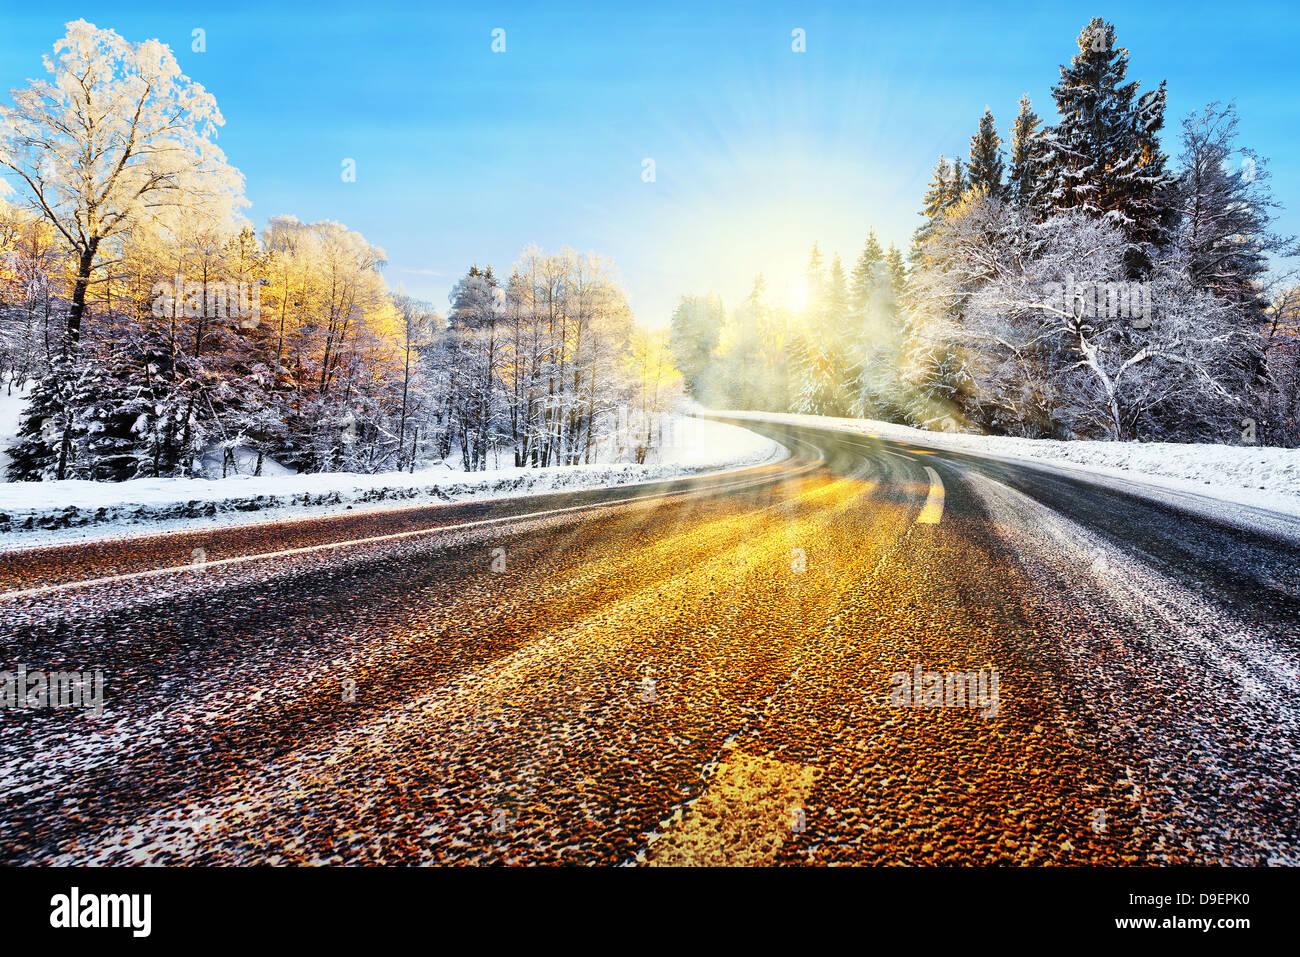 Chemin d'hiver en hiver avec la lumière du soleil qui reflète sur l'asphalte Photo Stock